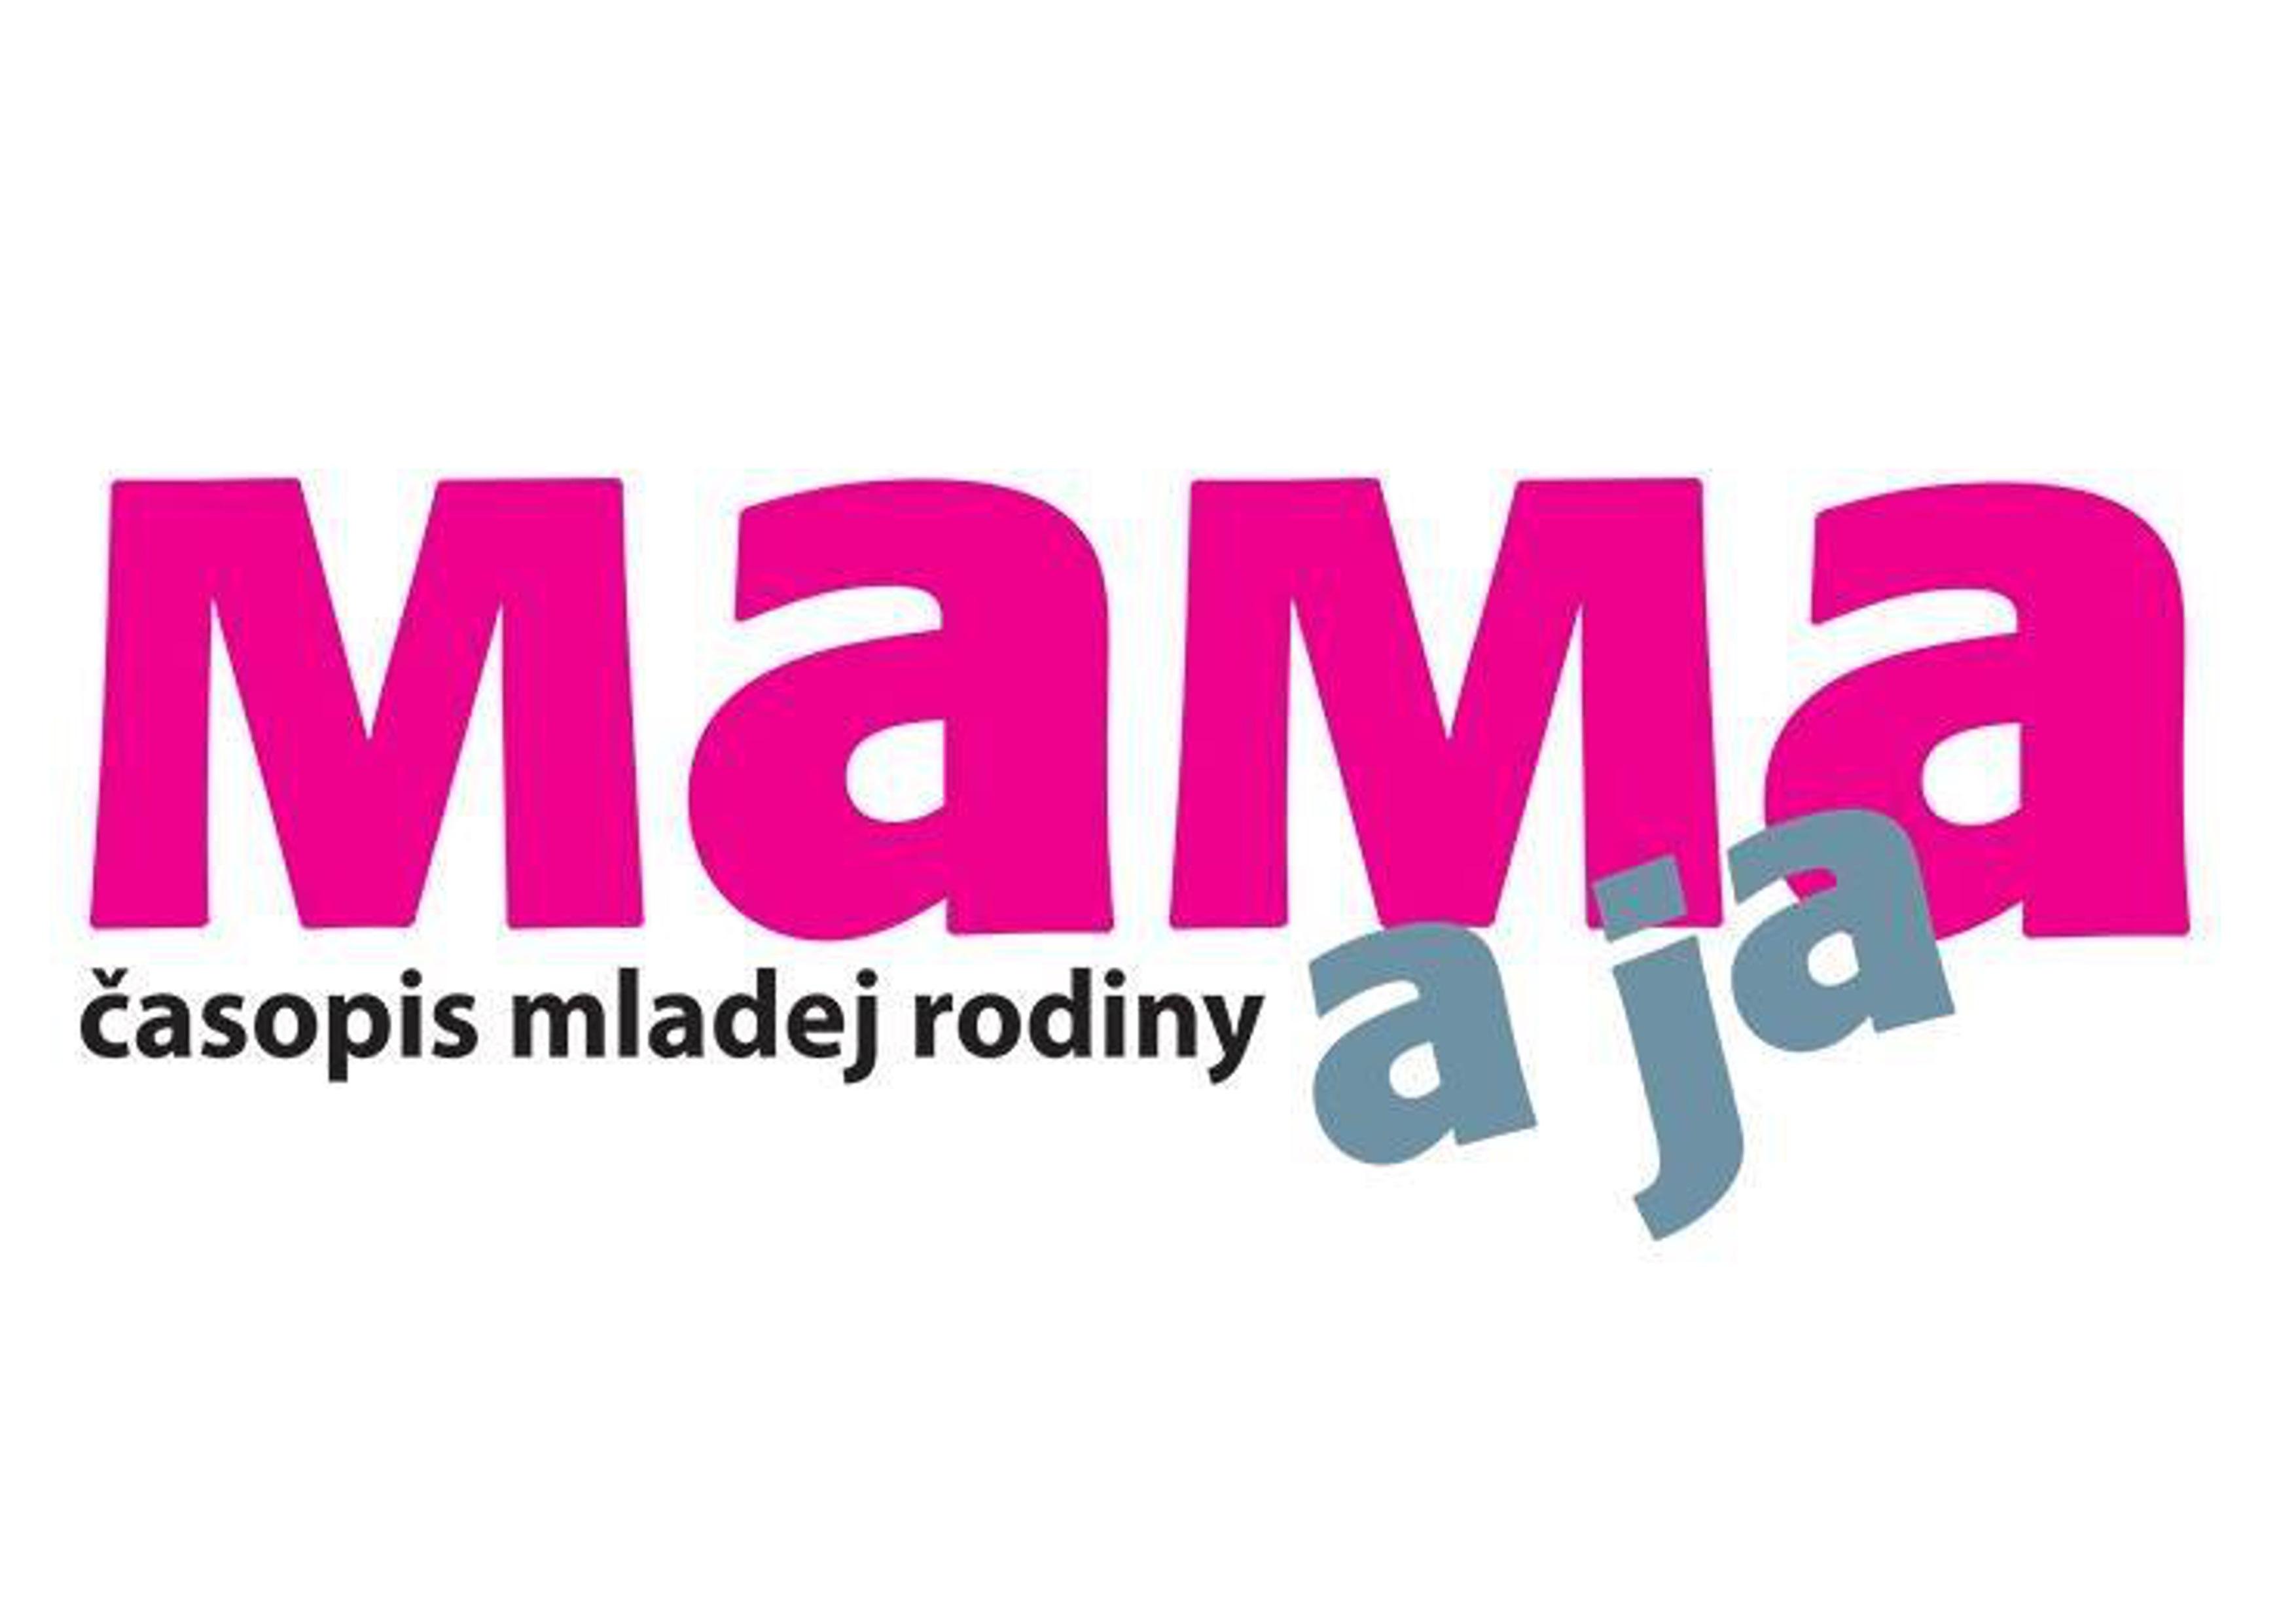 Míľa pre mamu 2018, Únia materských centier